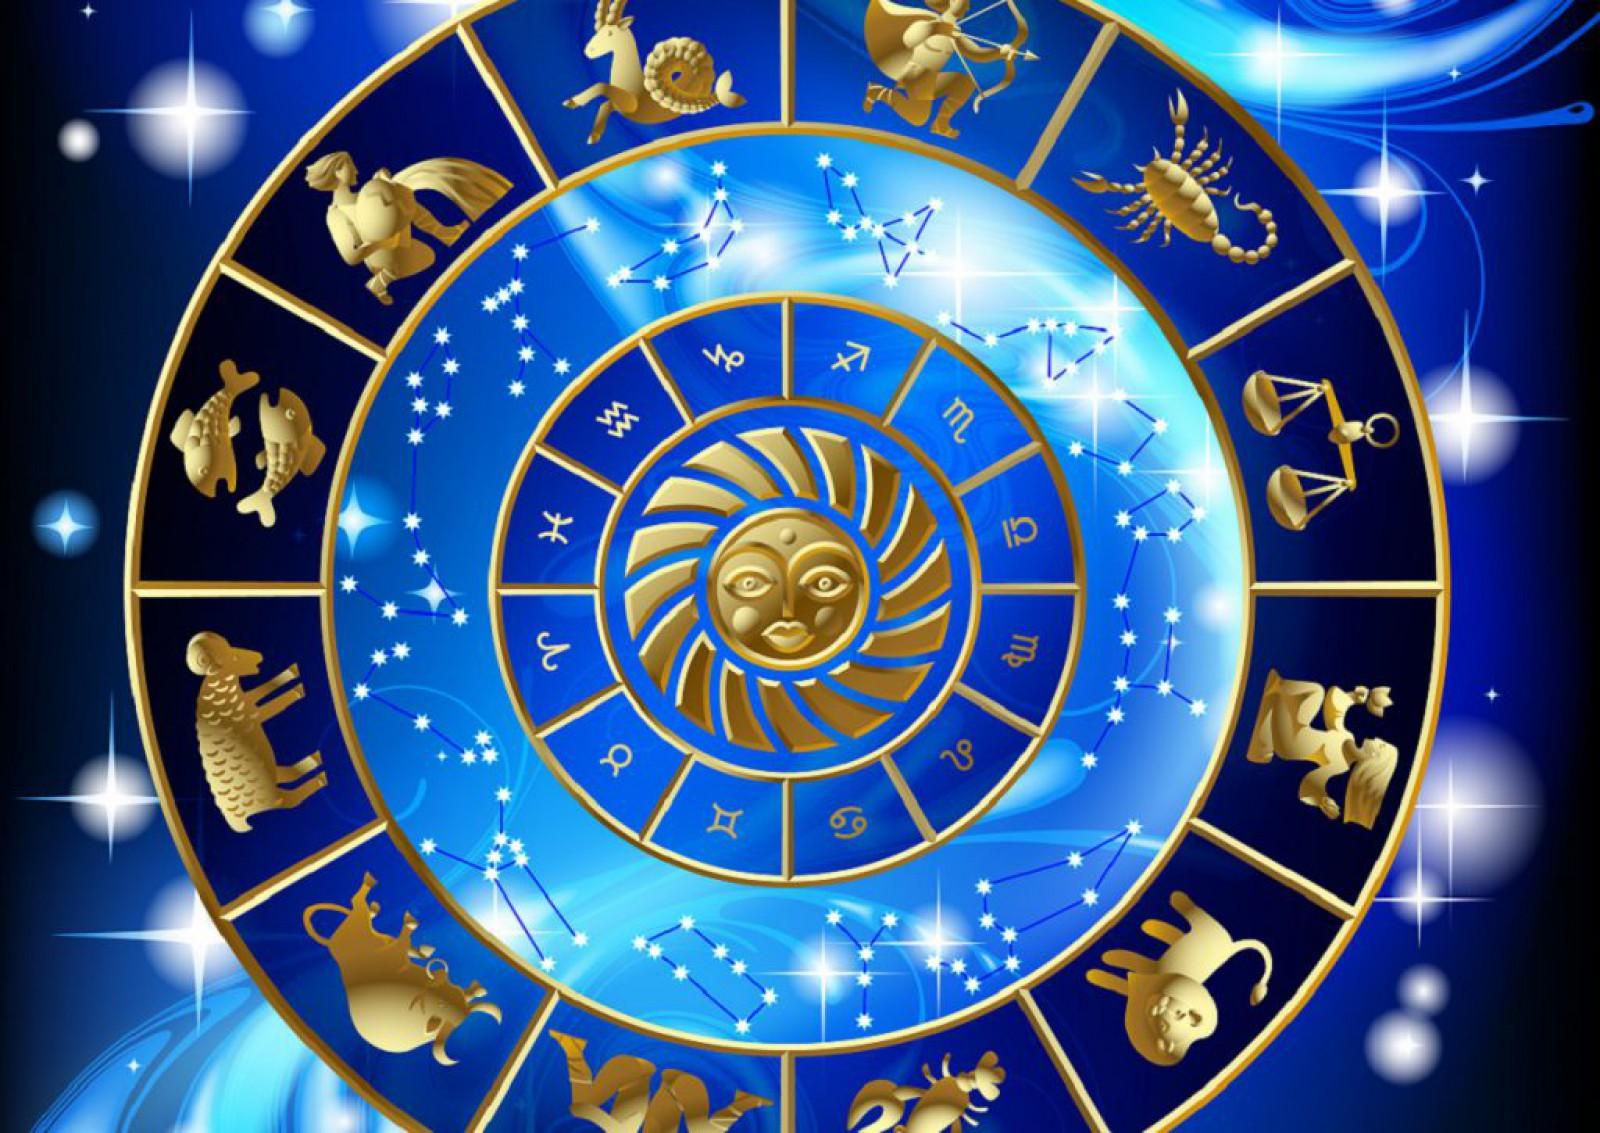 Horoscop, vineri, 5 ianuarie 2018. Leii sunt cuprinși de neliniște, dar motivele nu le sunt clare